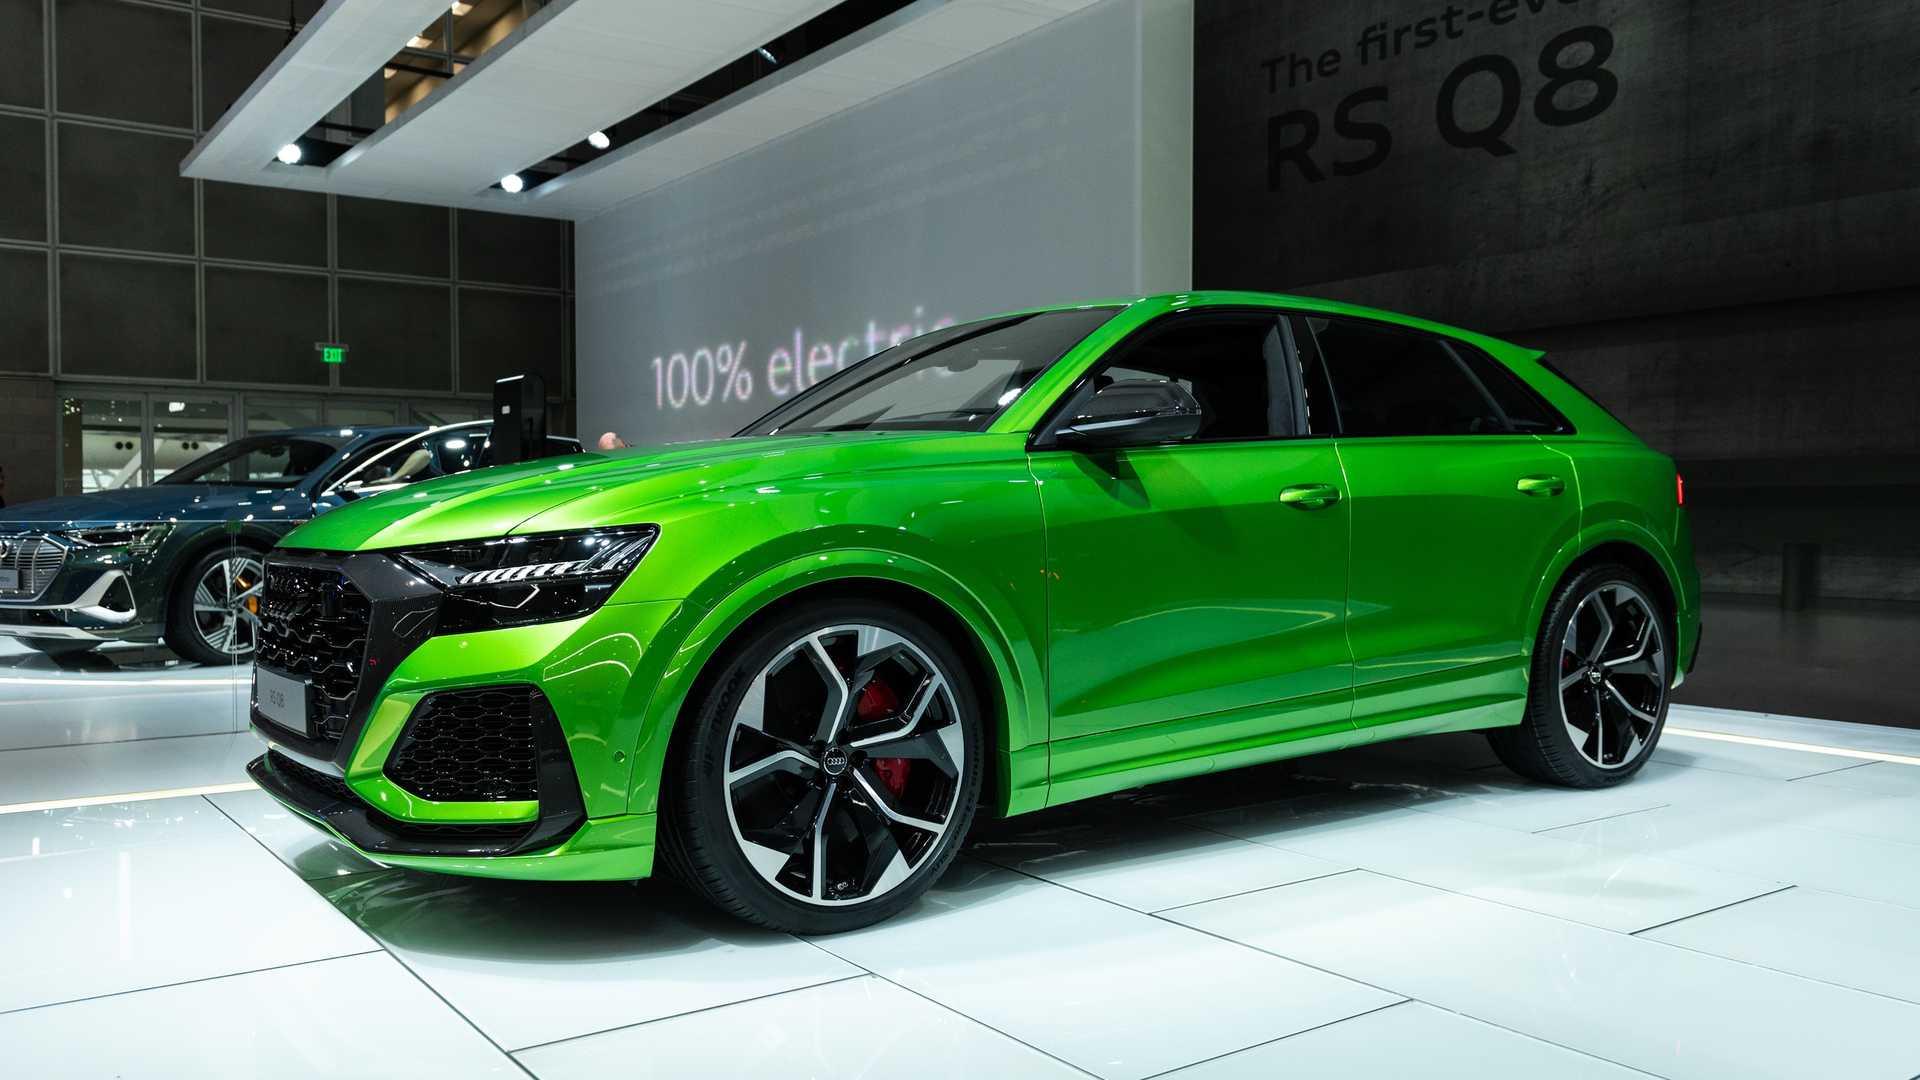 """Audi smatra da su točkovi veći od 23 cola """"besmisleni"""""""